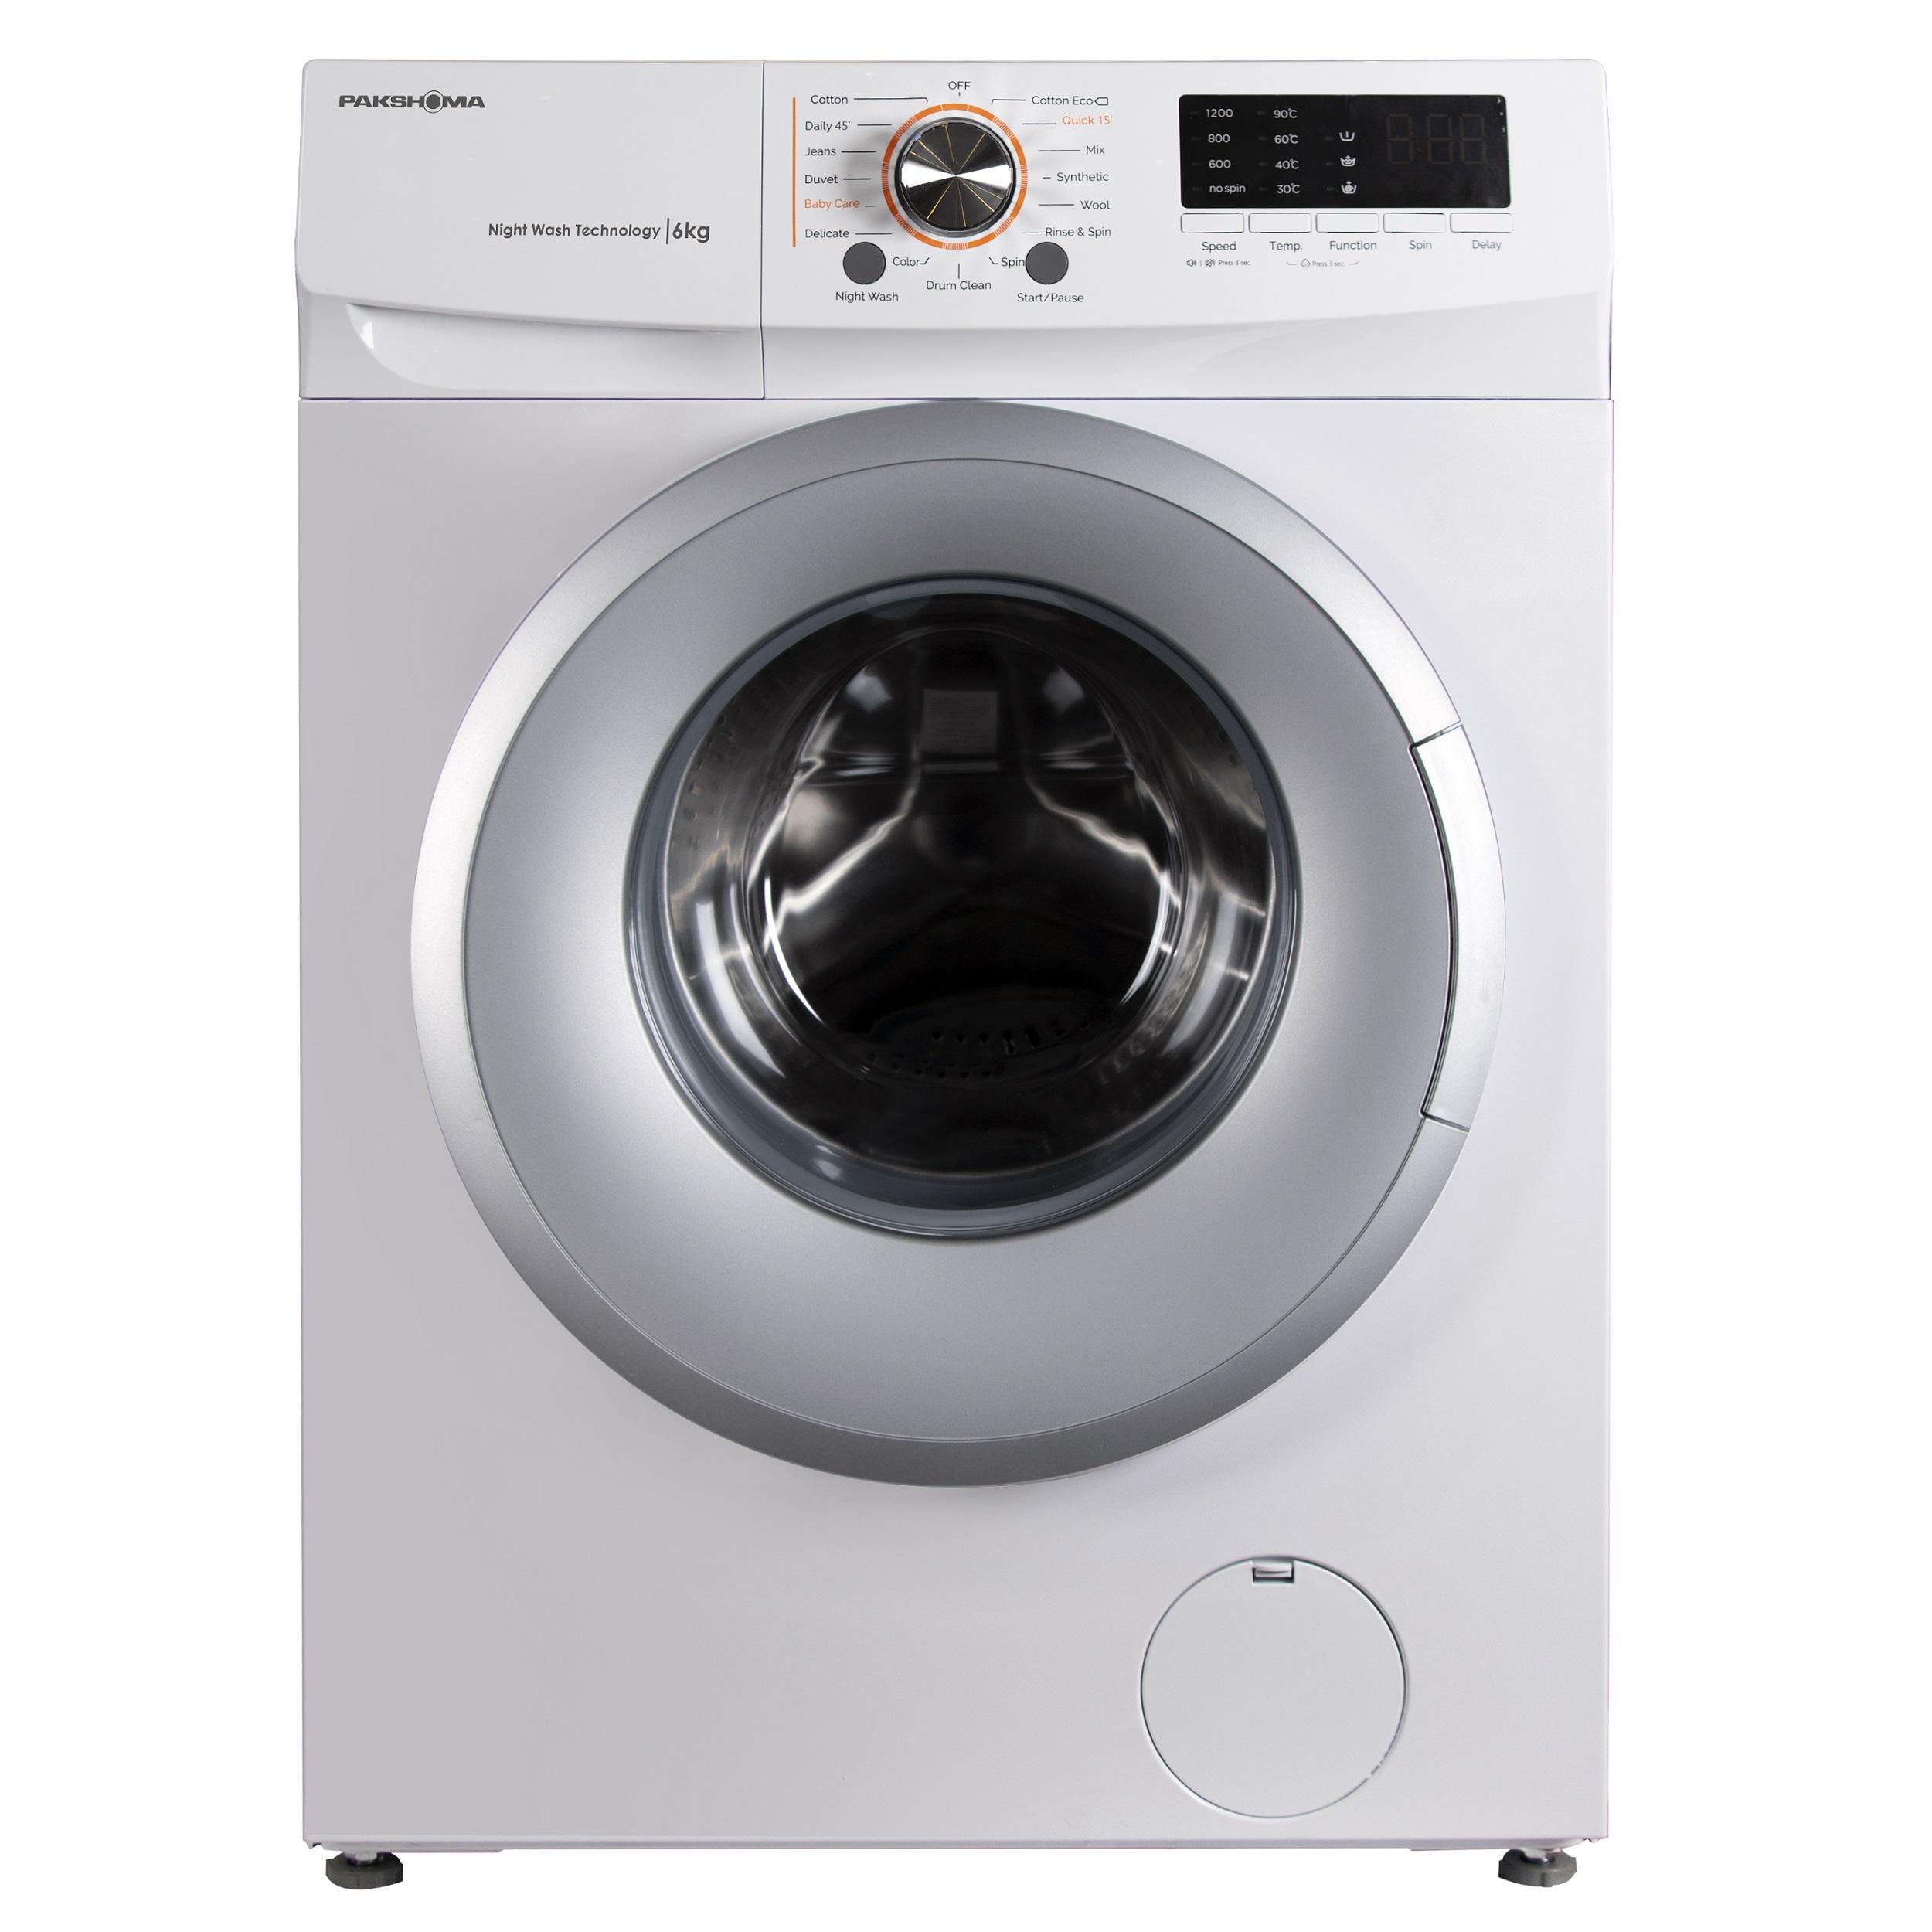 ماشین لباسشویی پاکشوما مدل TFU-63100WS ظرفیت 6 کیلوگرم